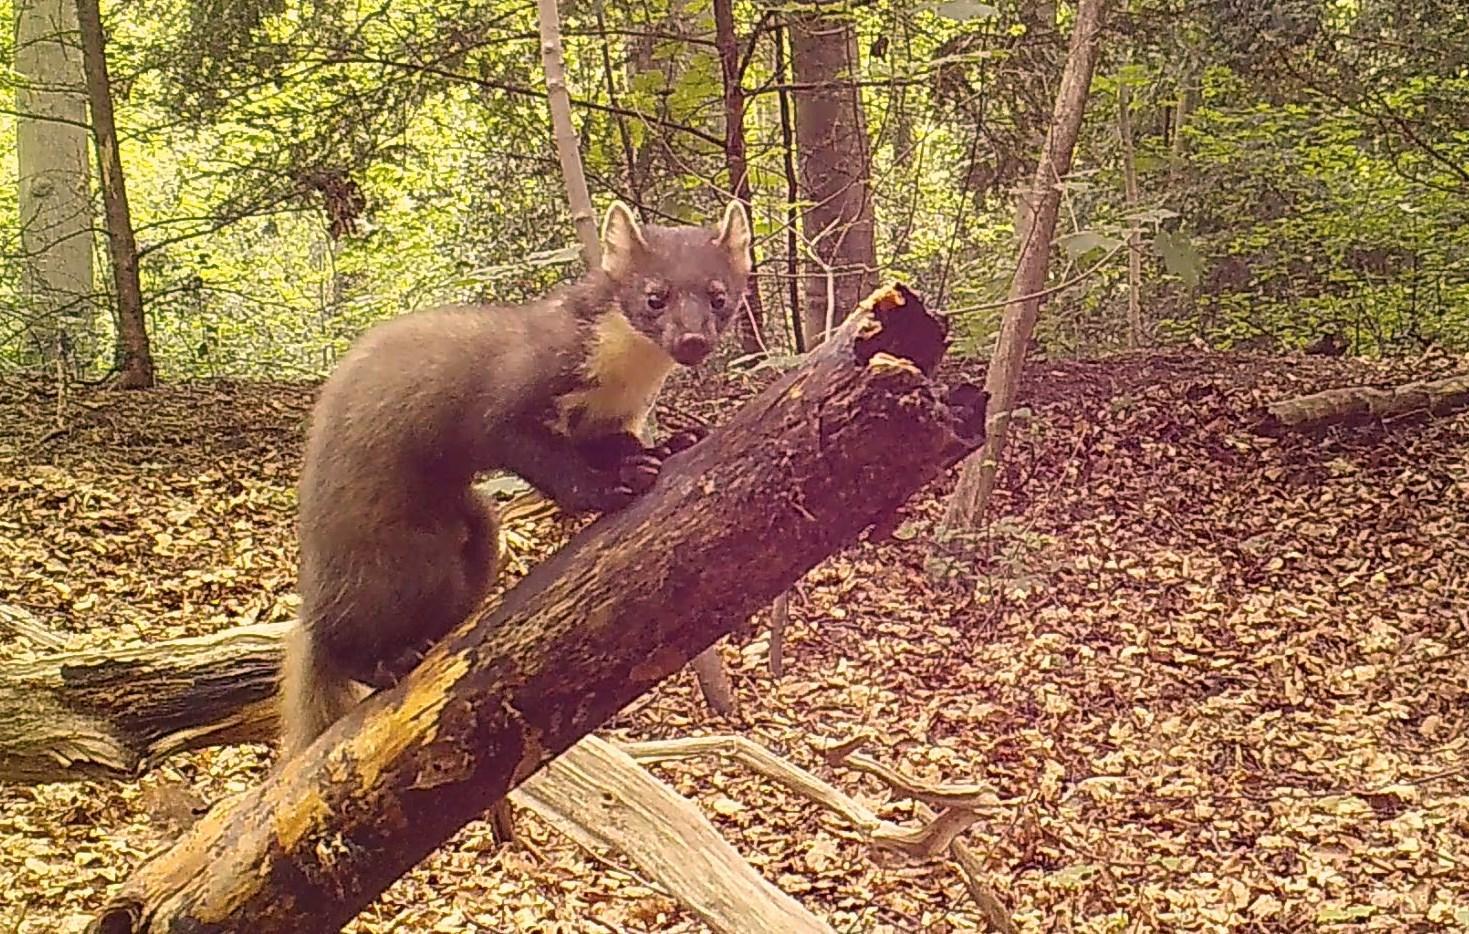 Tientallen boommarters in Bloemendaalse bossen. Dankzij pindakaas komt geheimzinnig roofdier soms tevoorschijn [video]